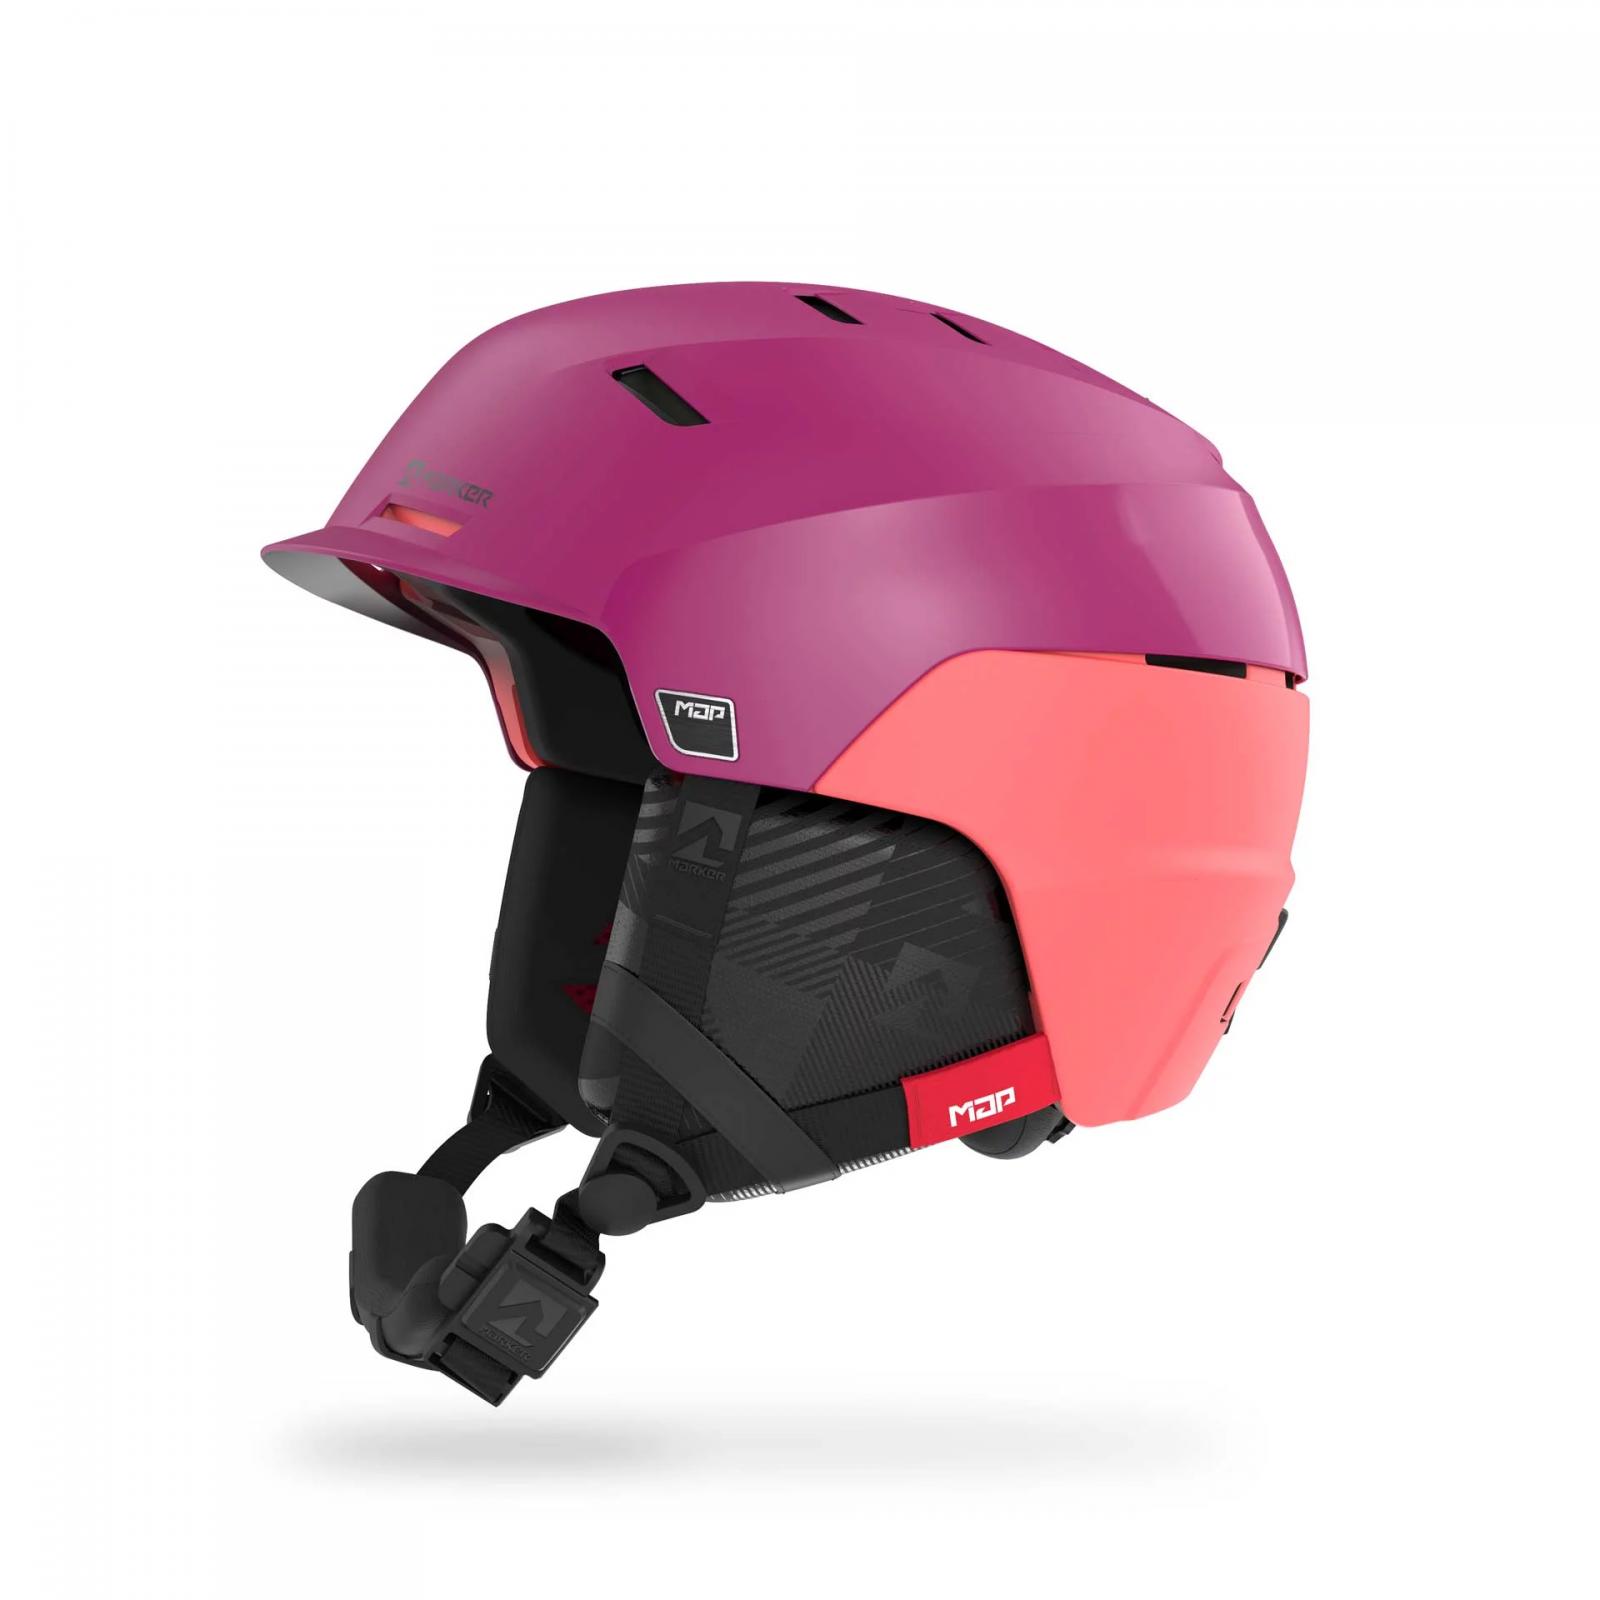 Marker Phoenix MAP W Helmet 2021